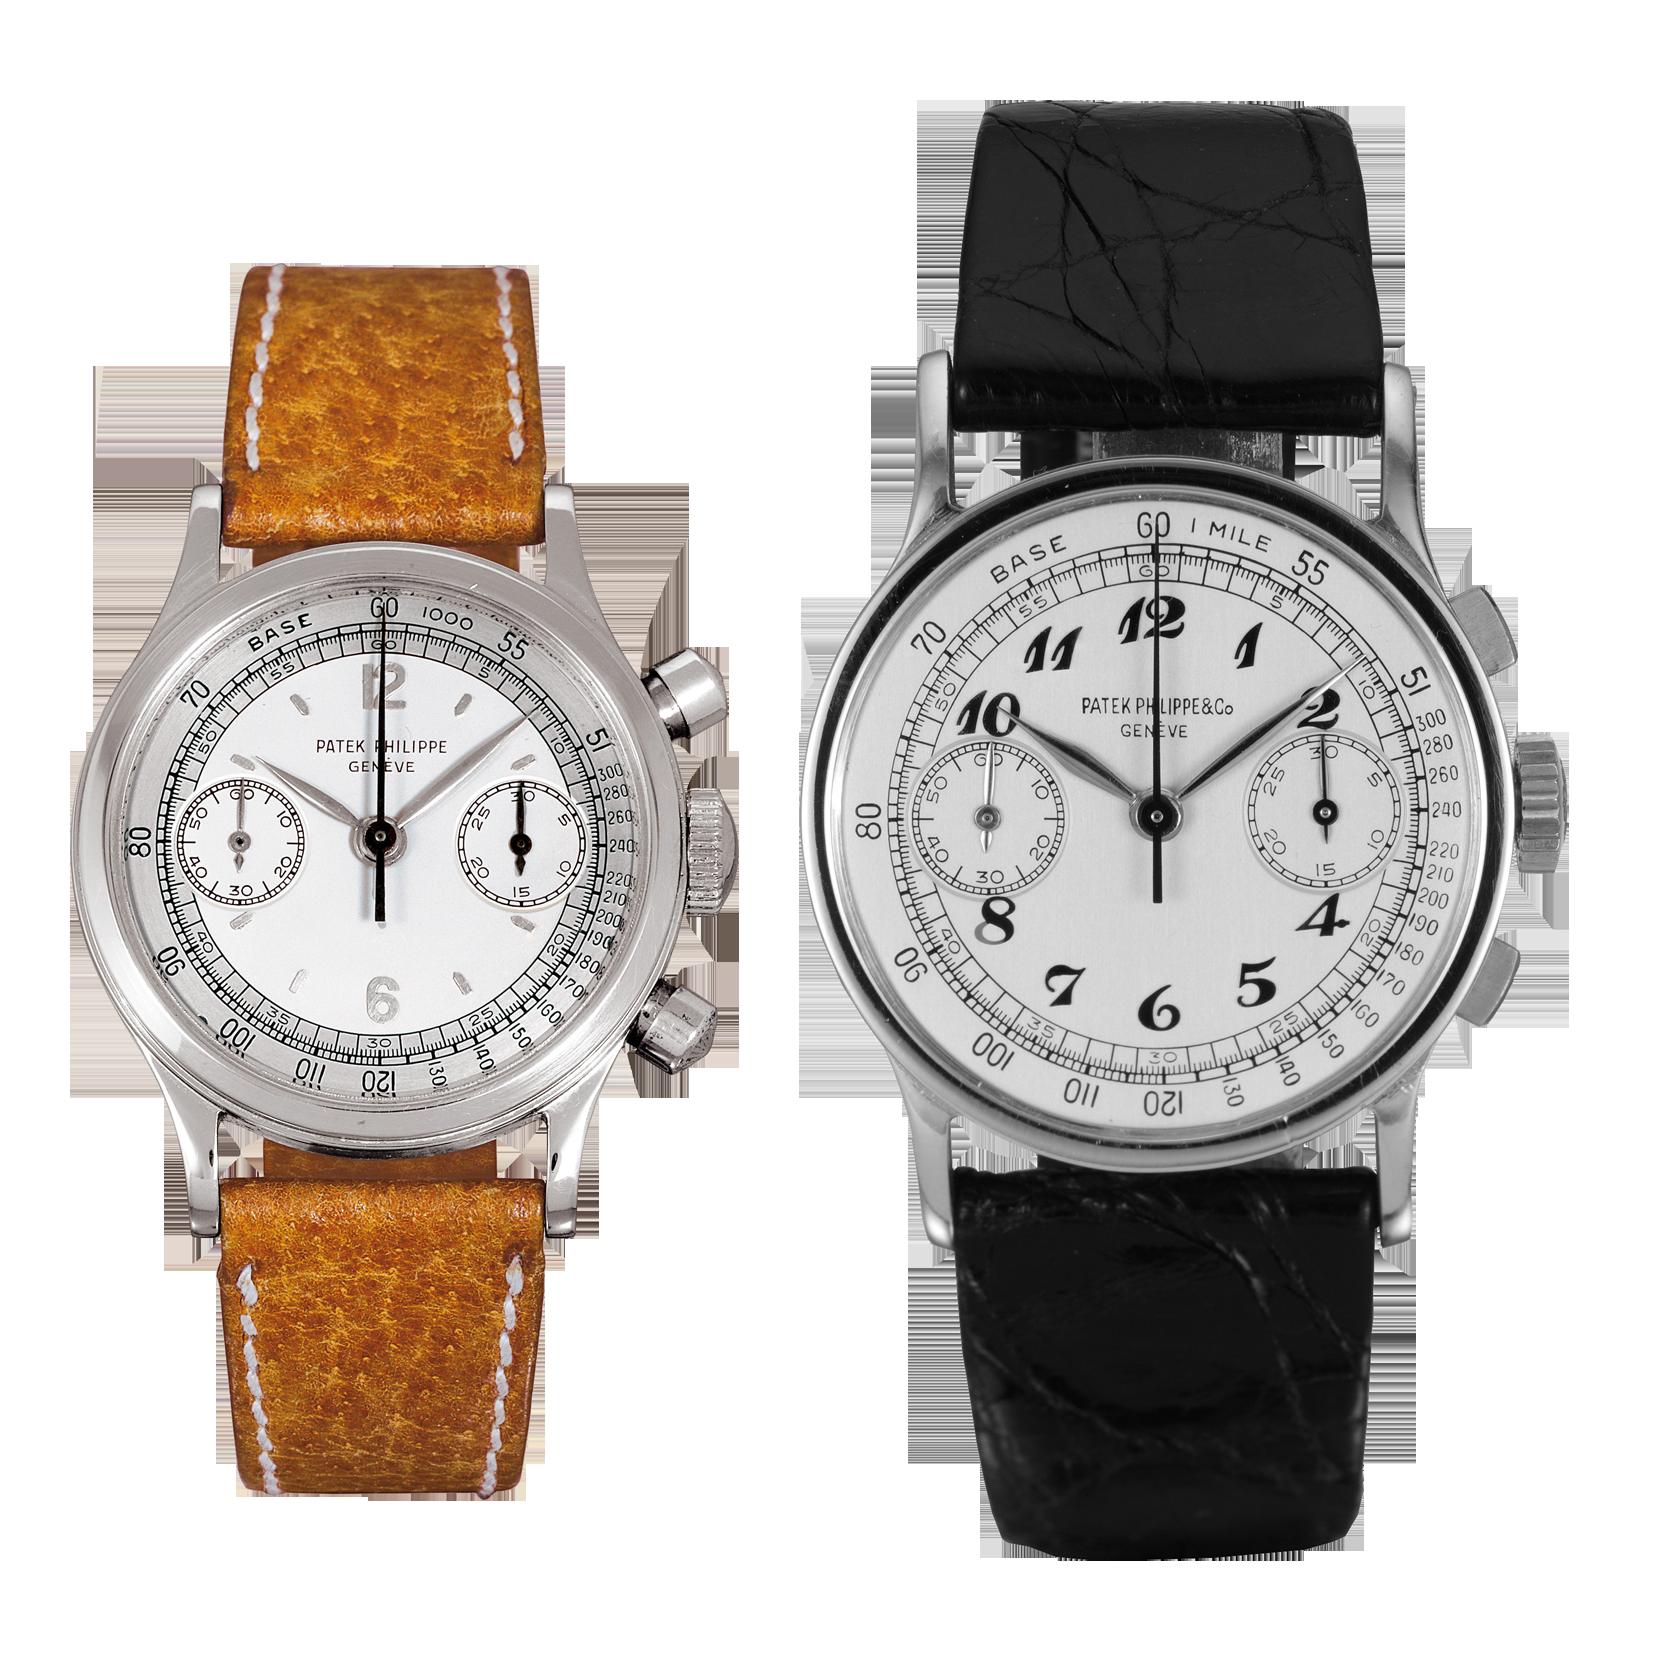 Wrist Band Watch PNG Image